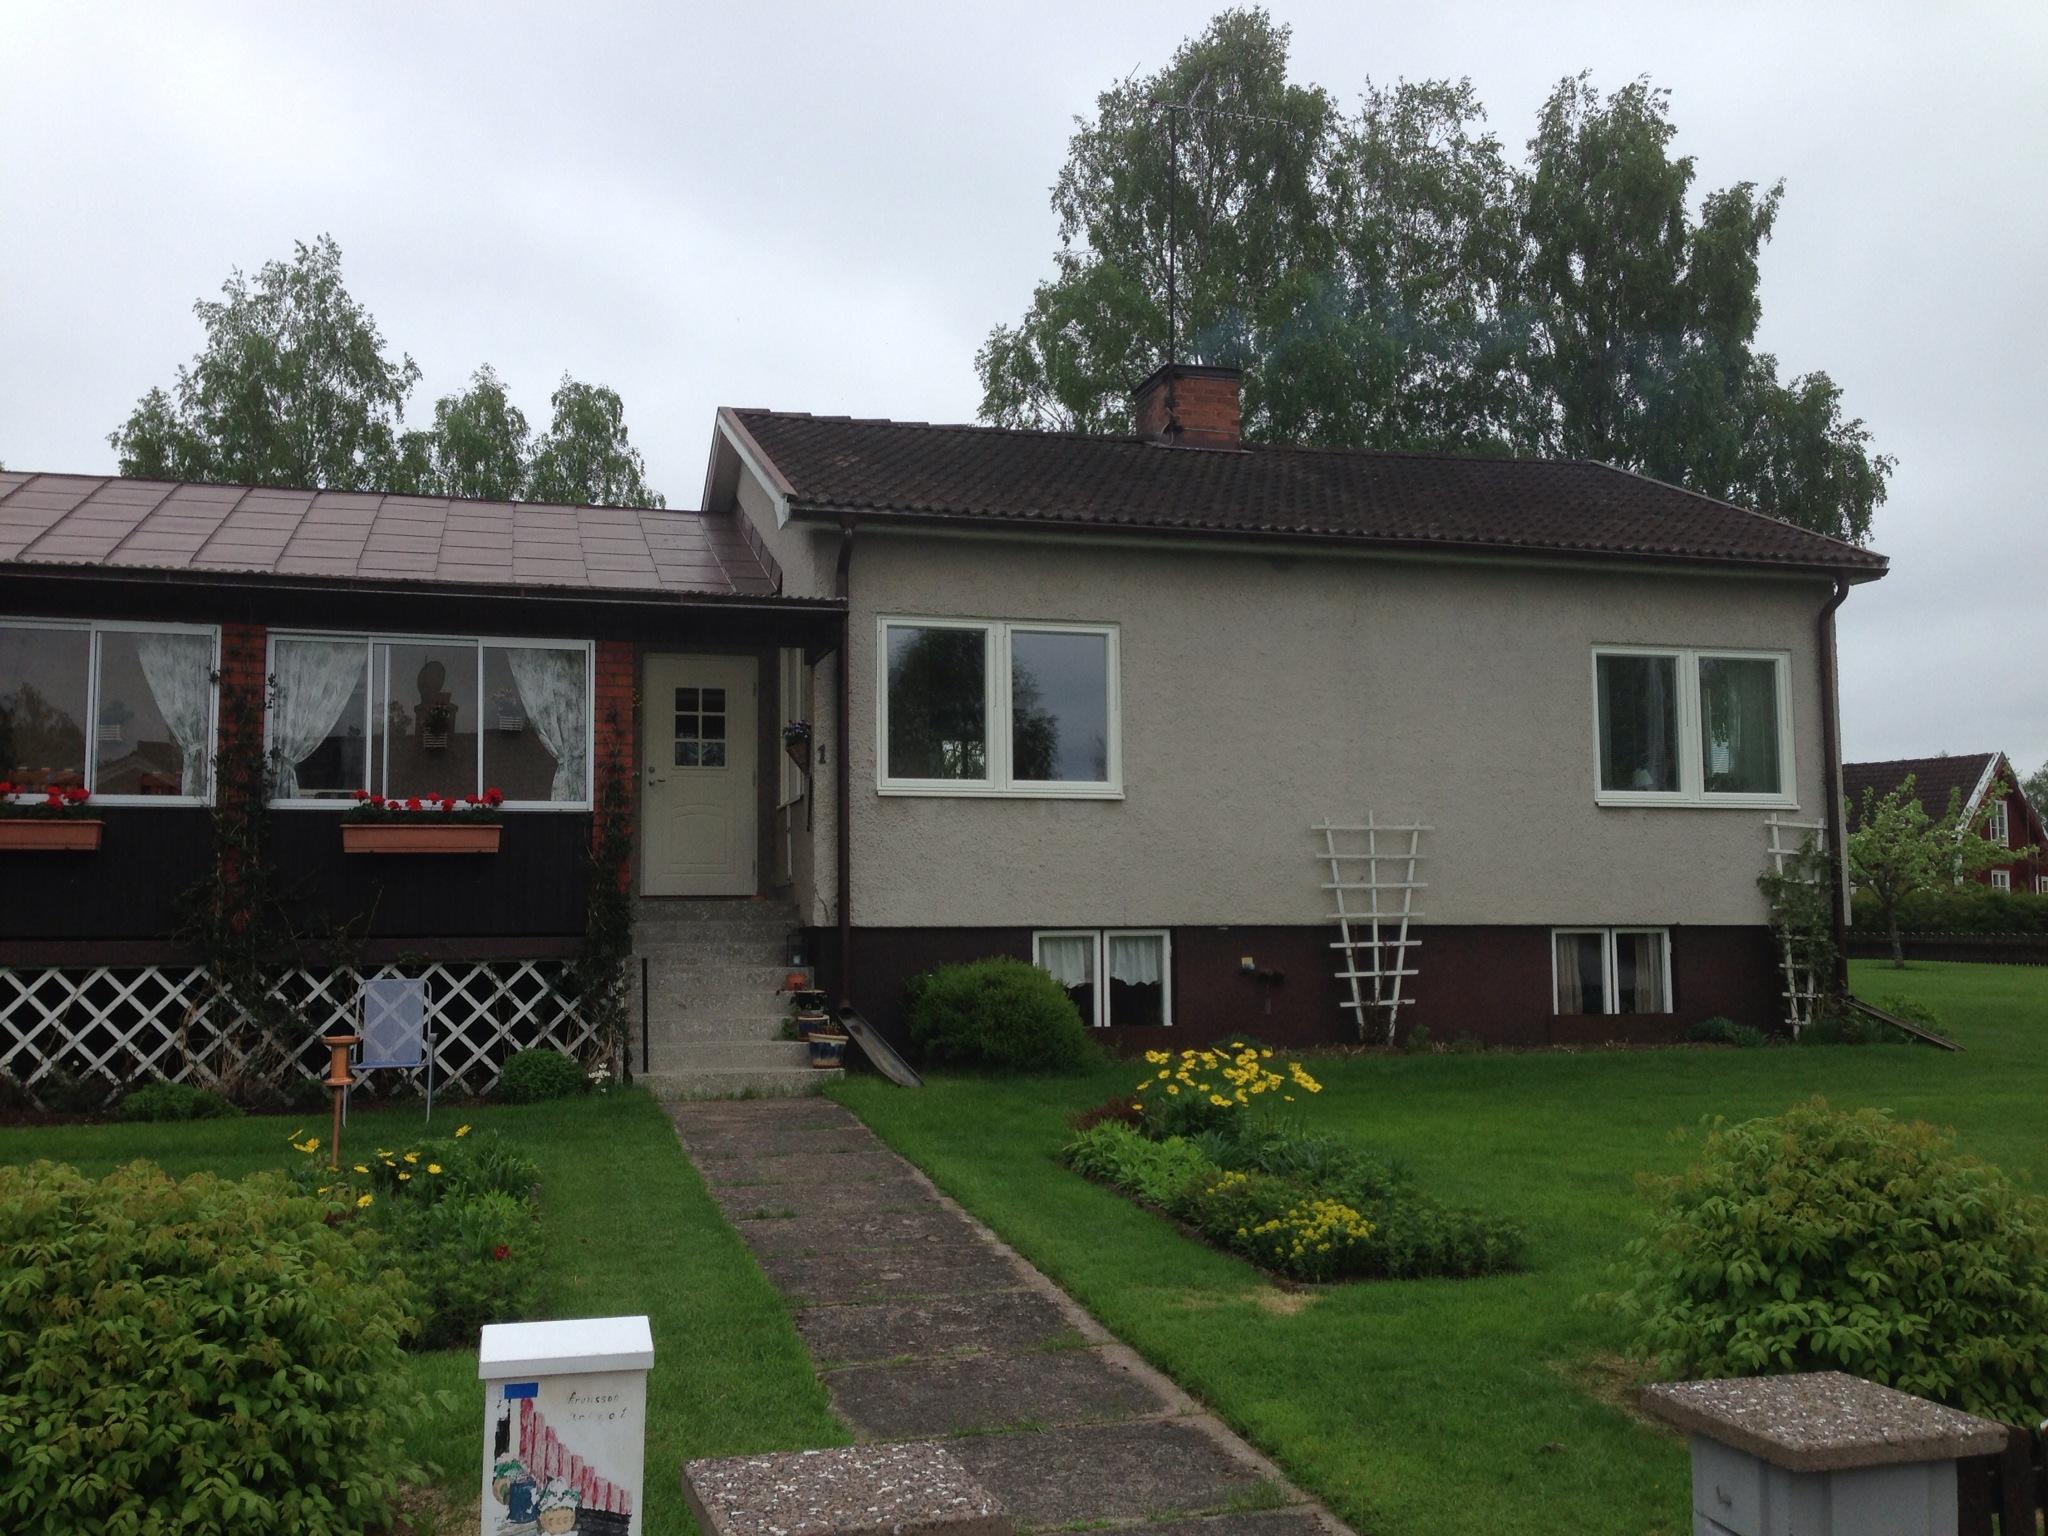 Bengt o Kerstin Aronsson i Järnforsen, vårt fönsterbyte har varit kanon från början till slut!